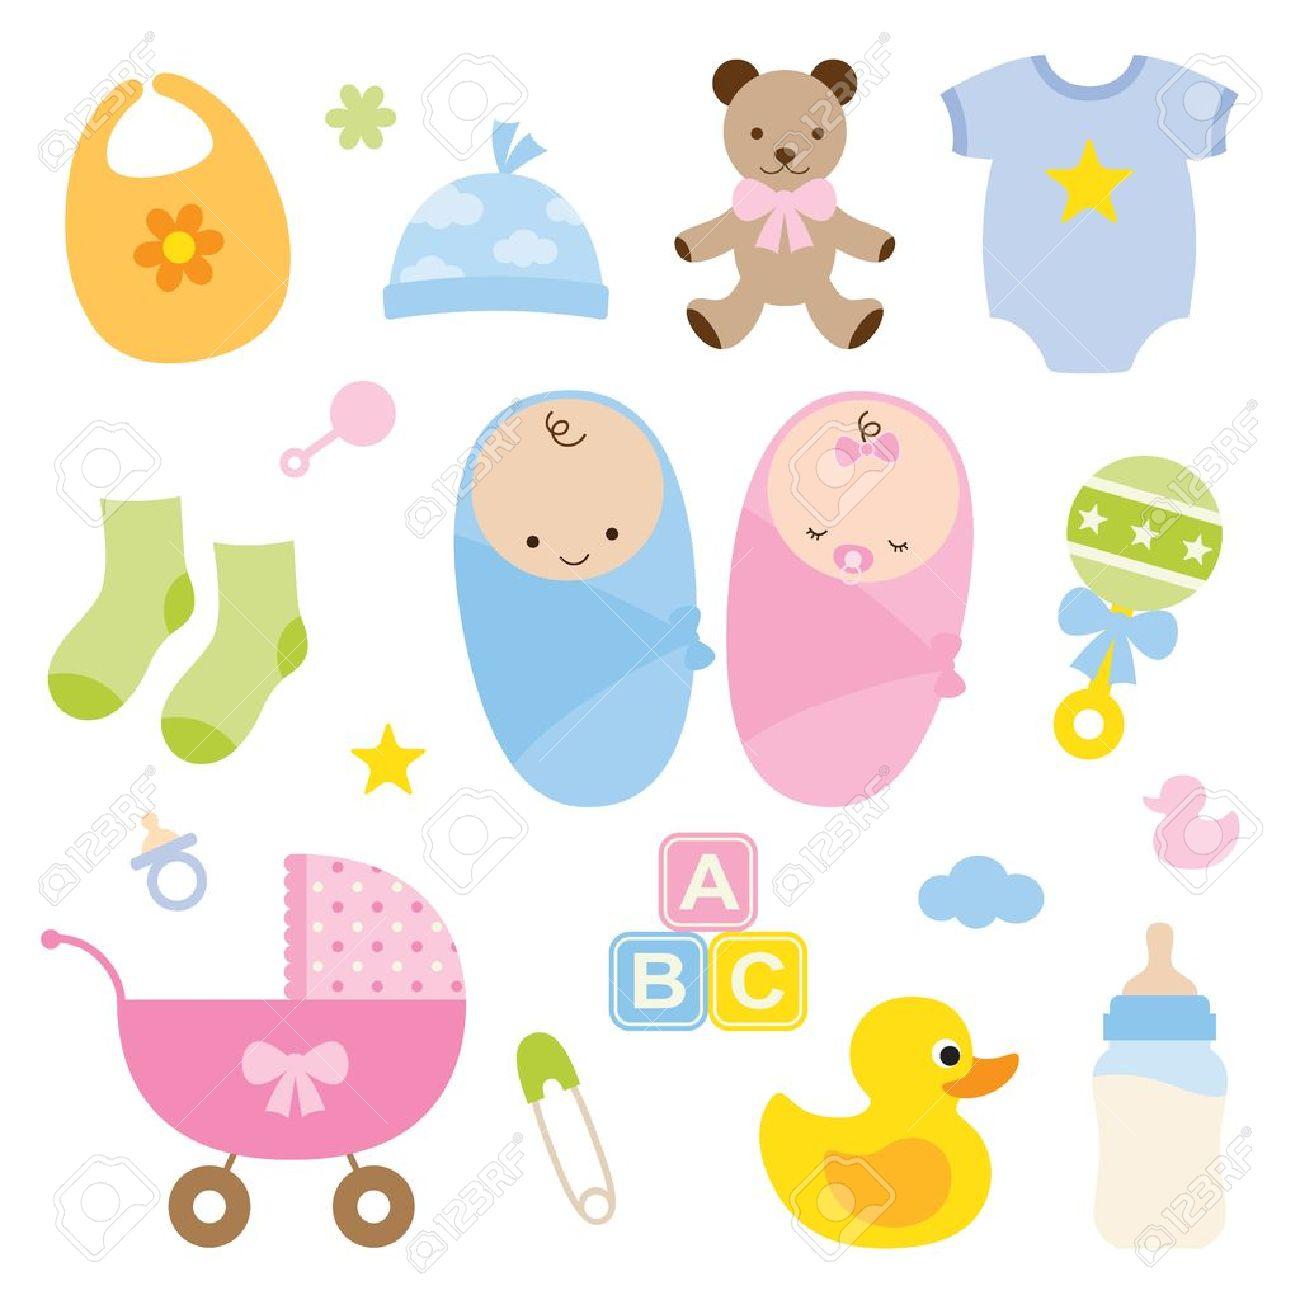 赤ちゃんやベビー用品のベクトル イラストのイラスト素材ベクタ